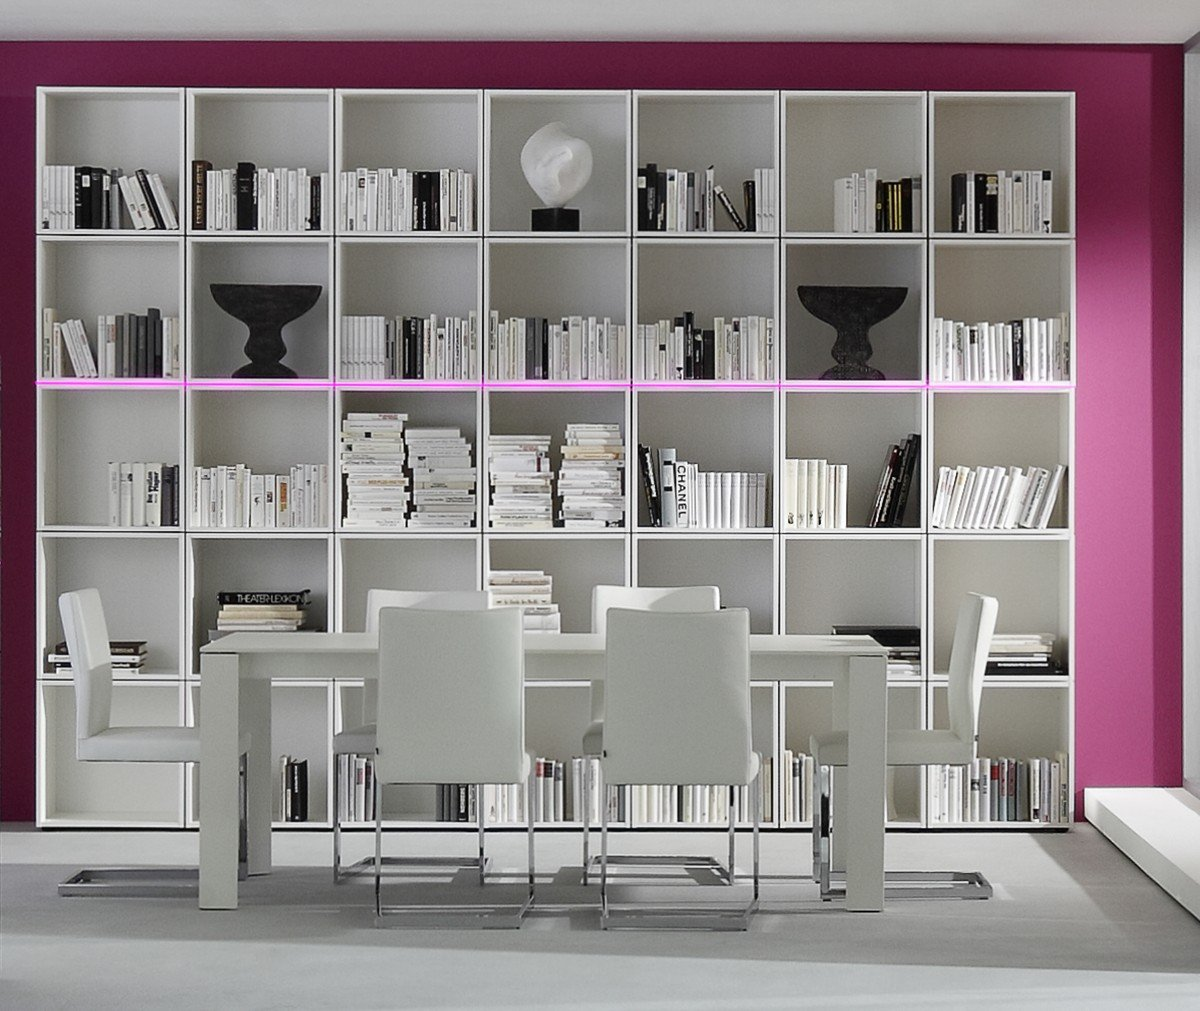 Entzückend Regalsystem Günstig Referenz Von Dreams4home Regal Xxl Square Raumteiler Bücherregal Weiß